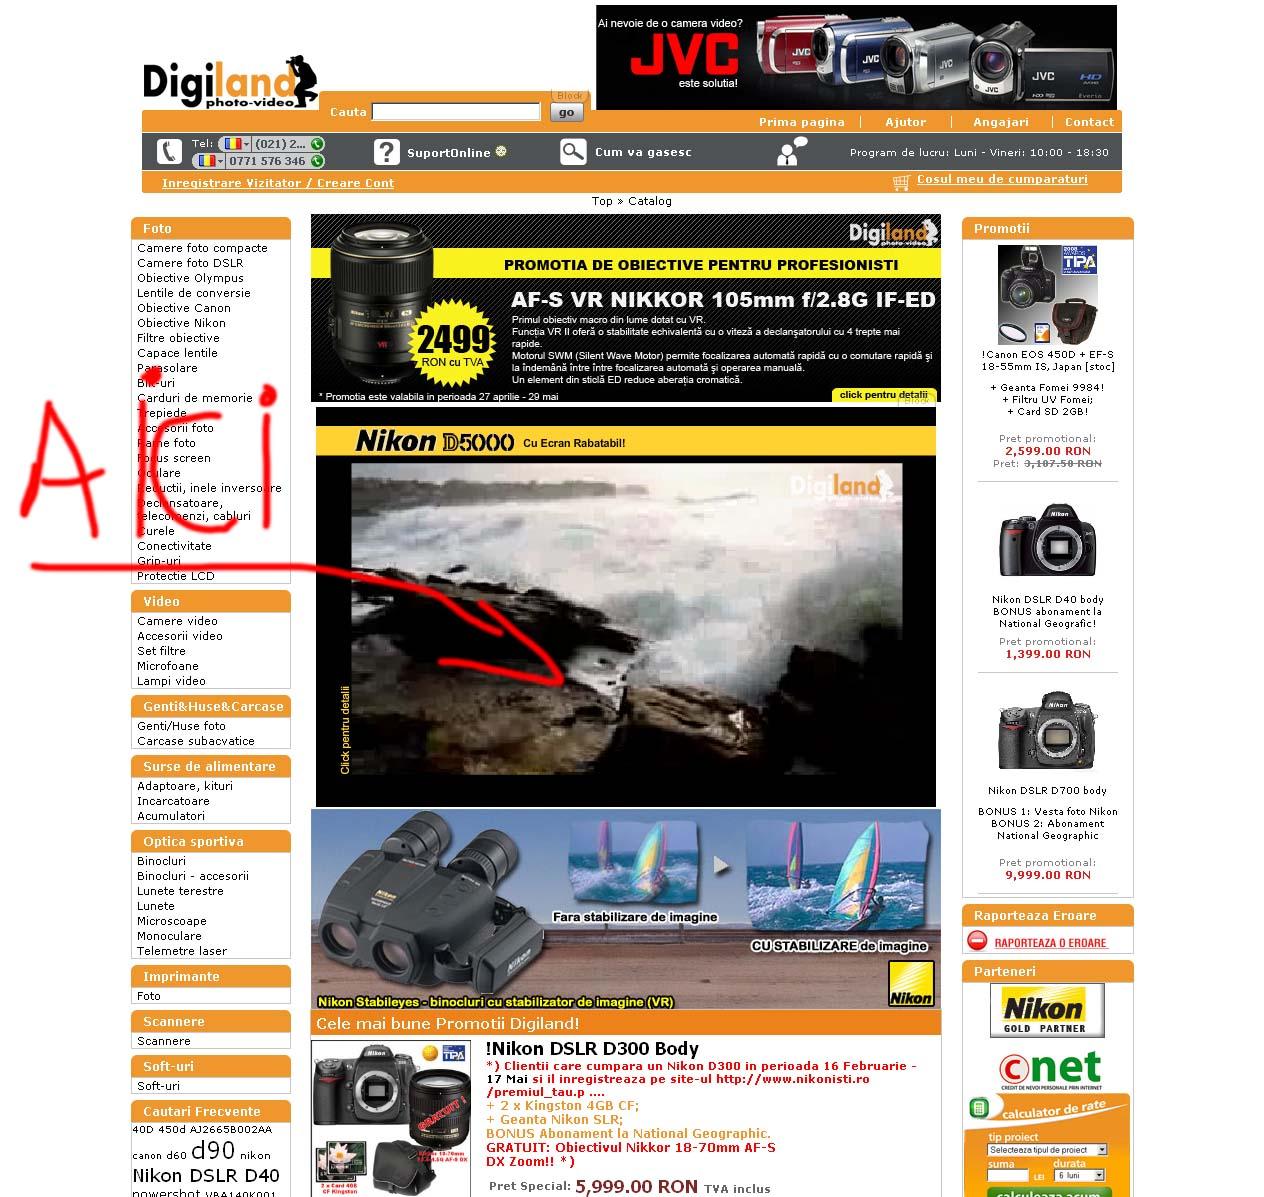 camere-foto-video-si-accesorii-partener-nikon-canon-importator_1241946107224